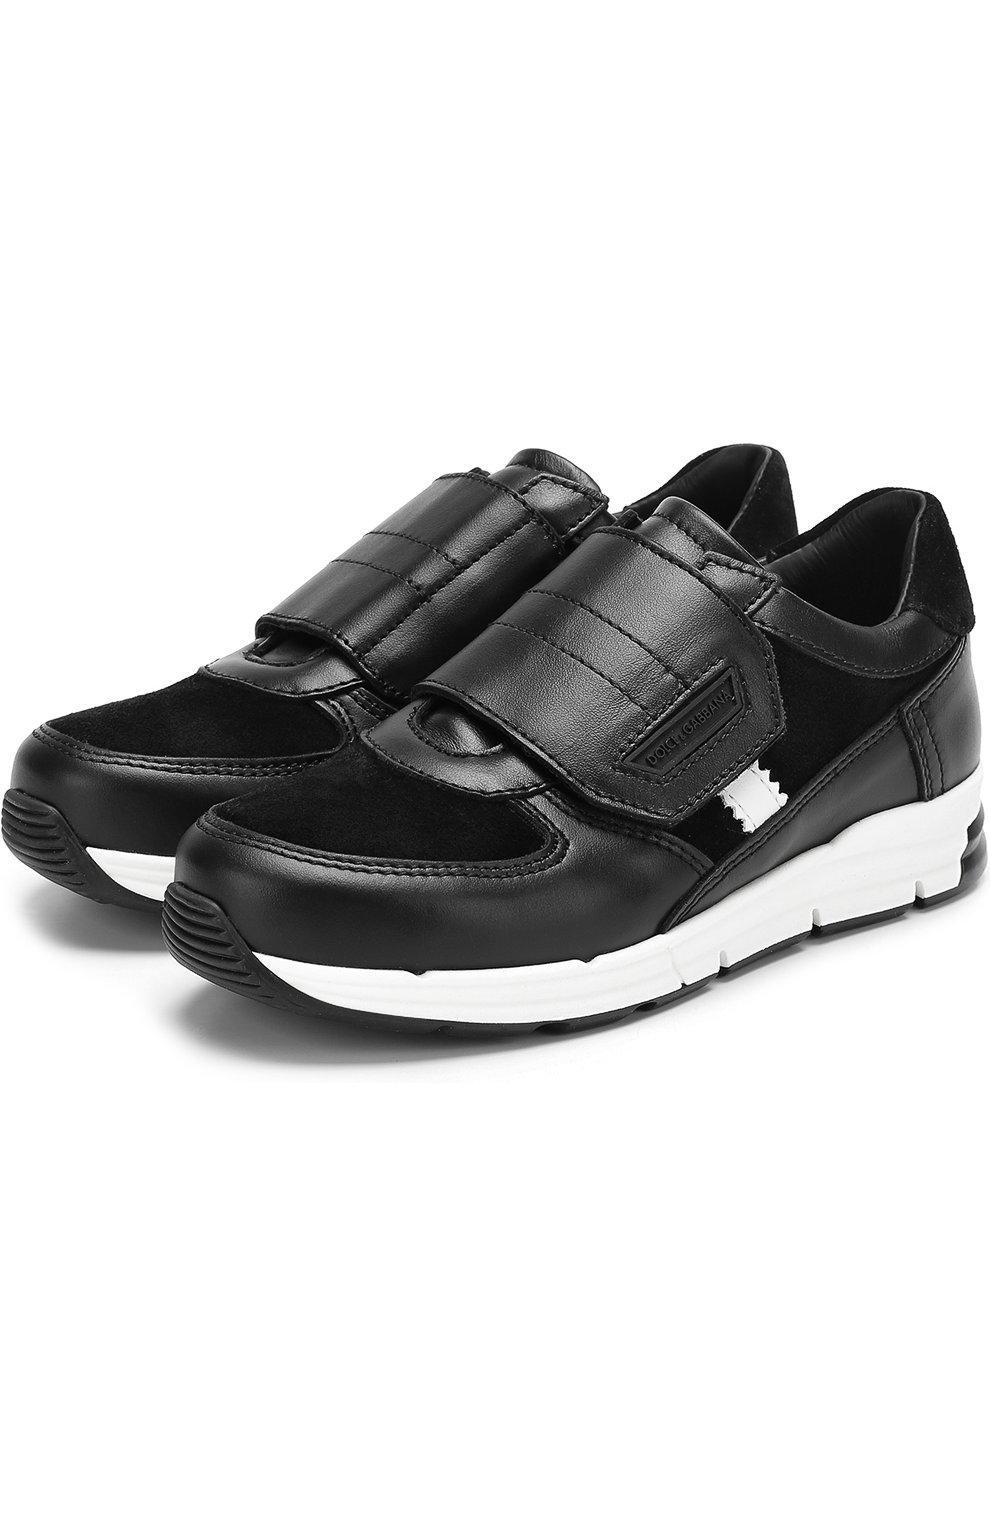 Кожаные кроссовки с замшевыми вставками и застежками велькро | Фото №1